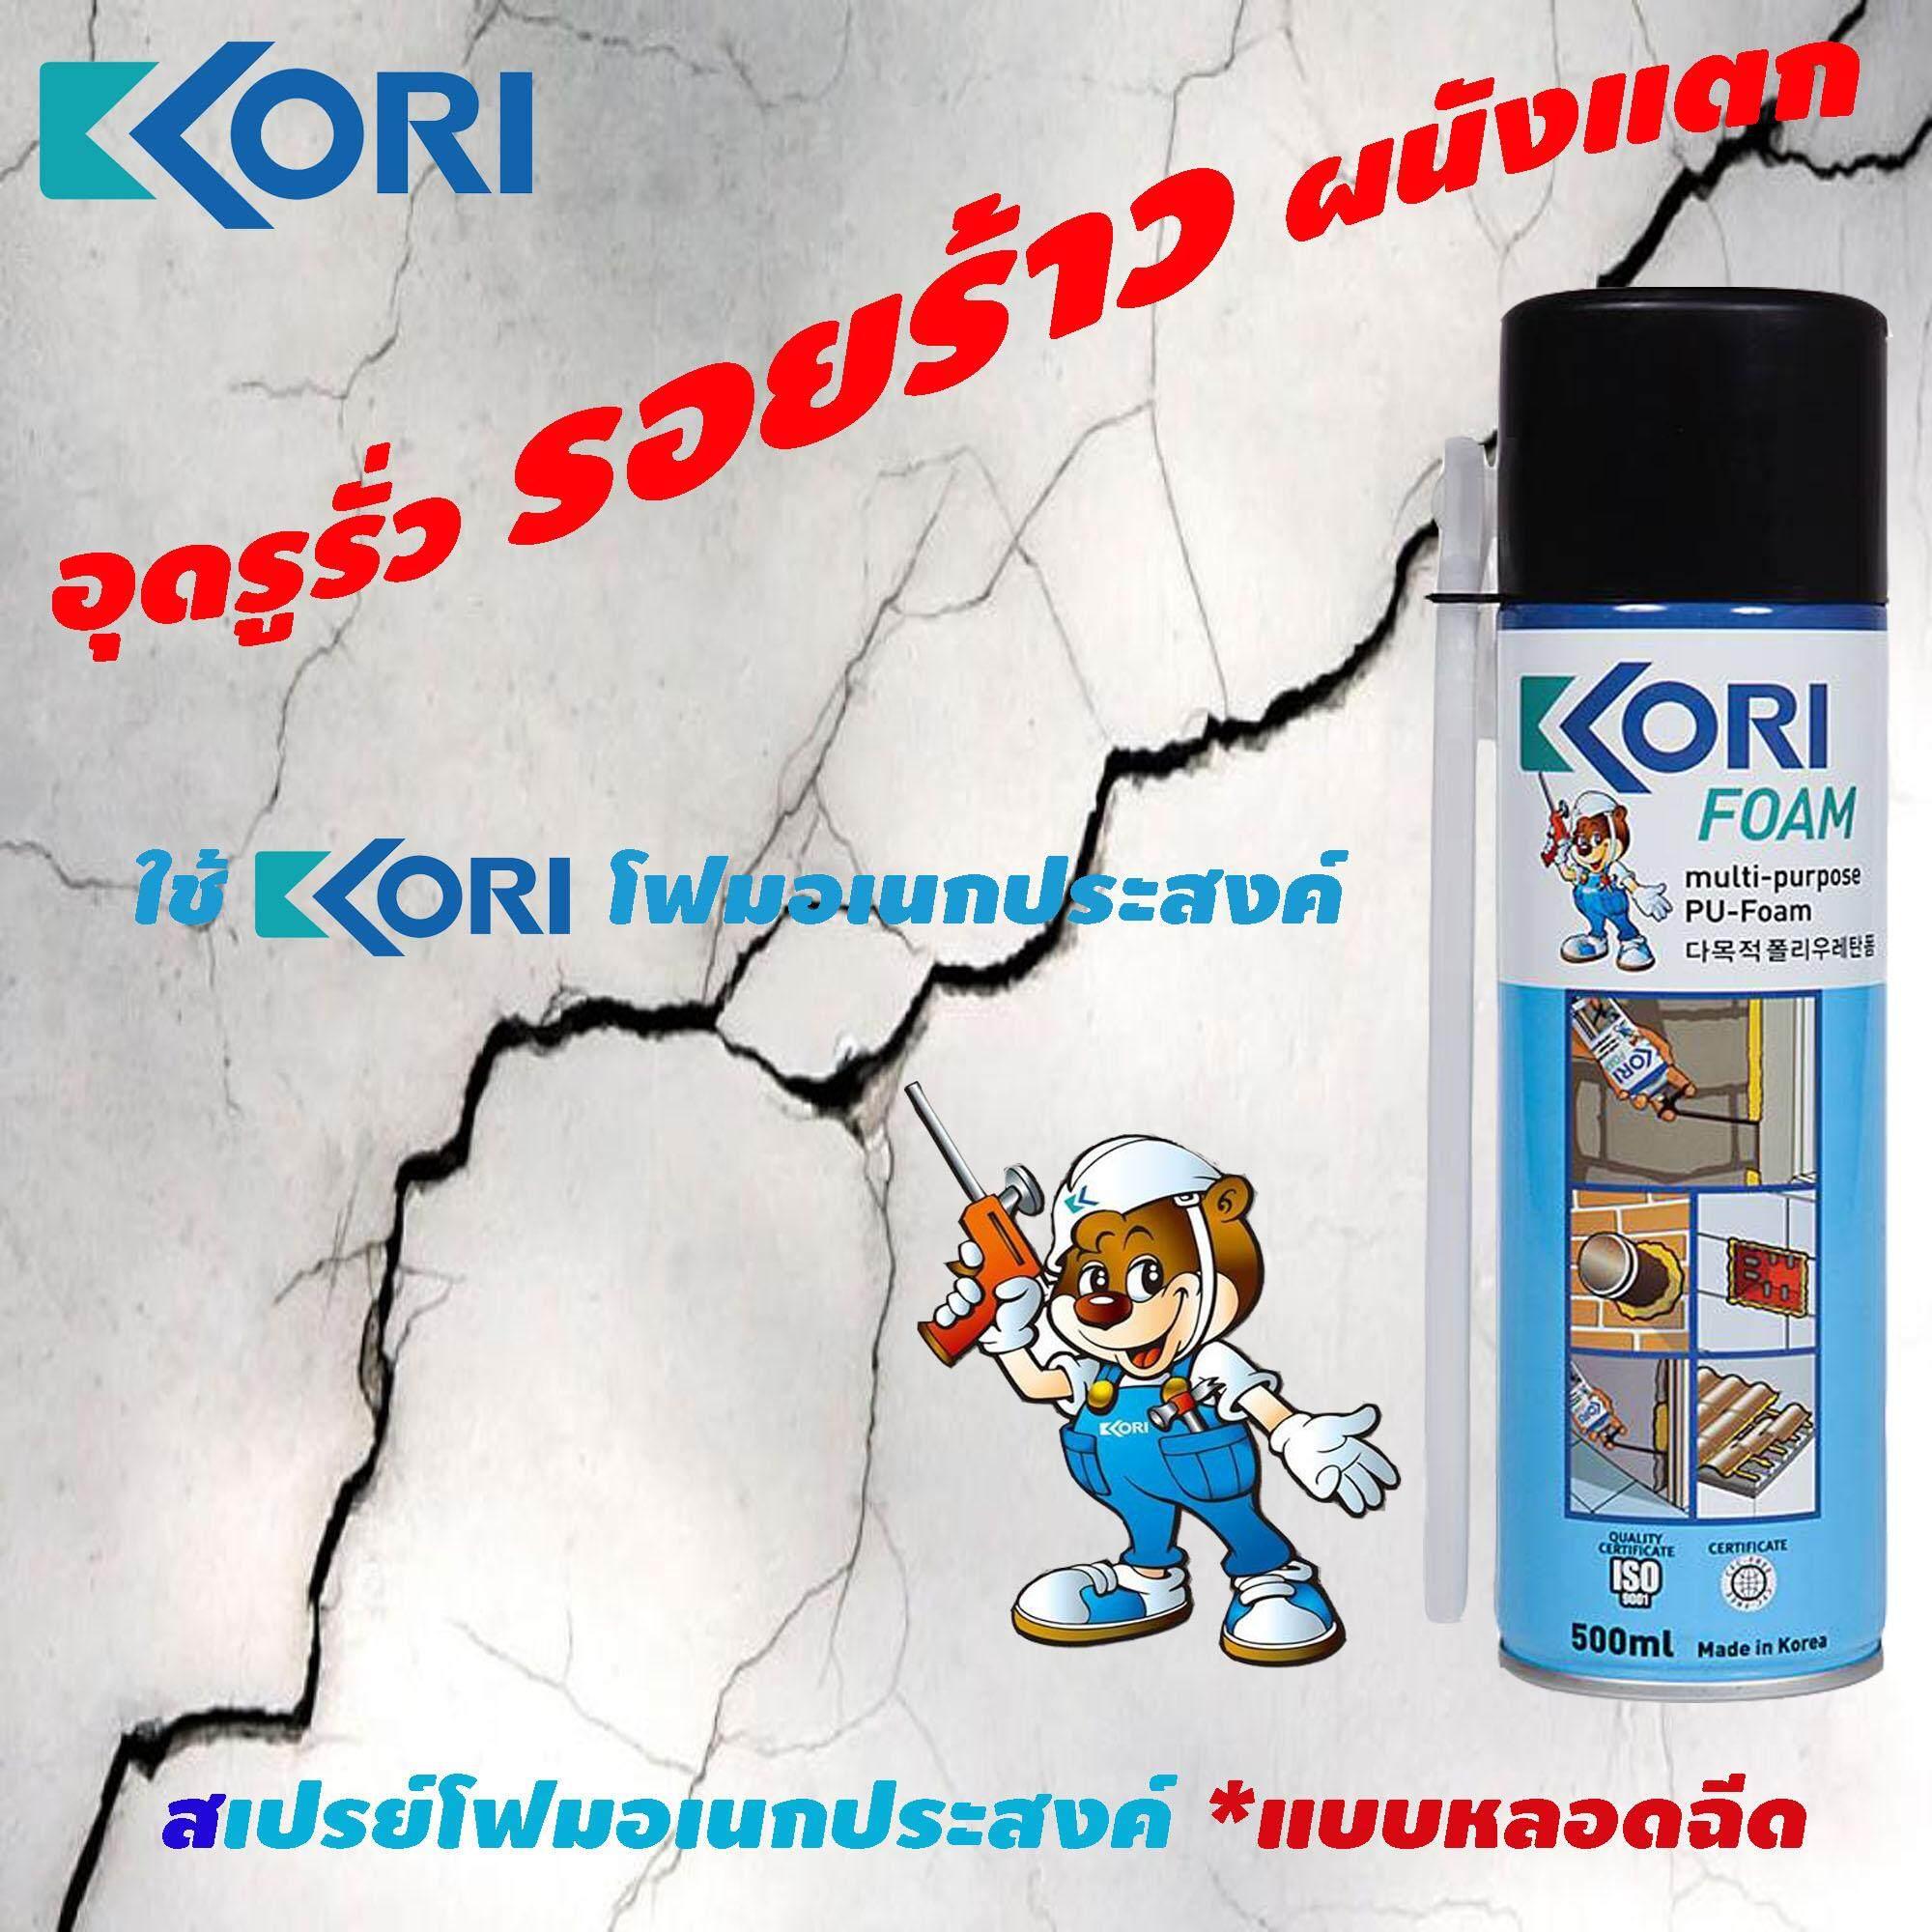 สเปรย์โฟม Pufoam Kori 500ml. อุดรอยรั่ว รอยร้าว เอนกประสงค์ *แบบหลอดฉีด By Kyhbearing34.